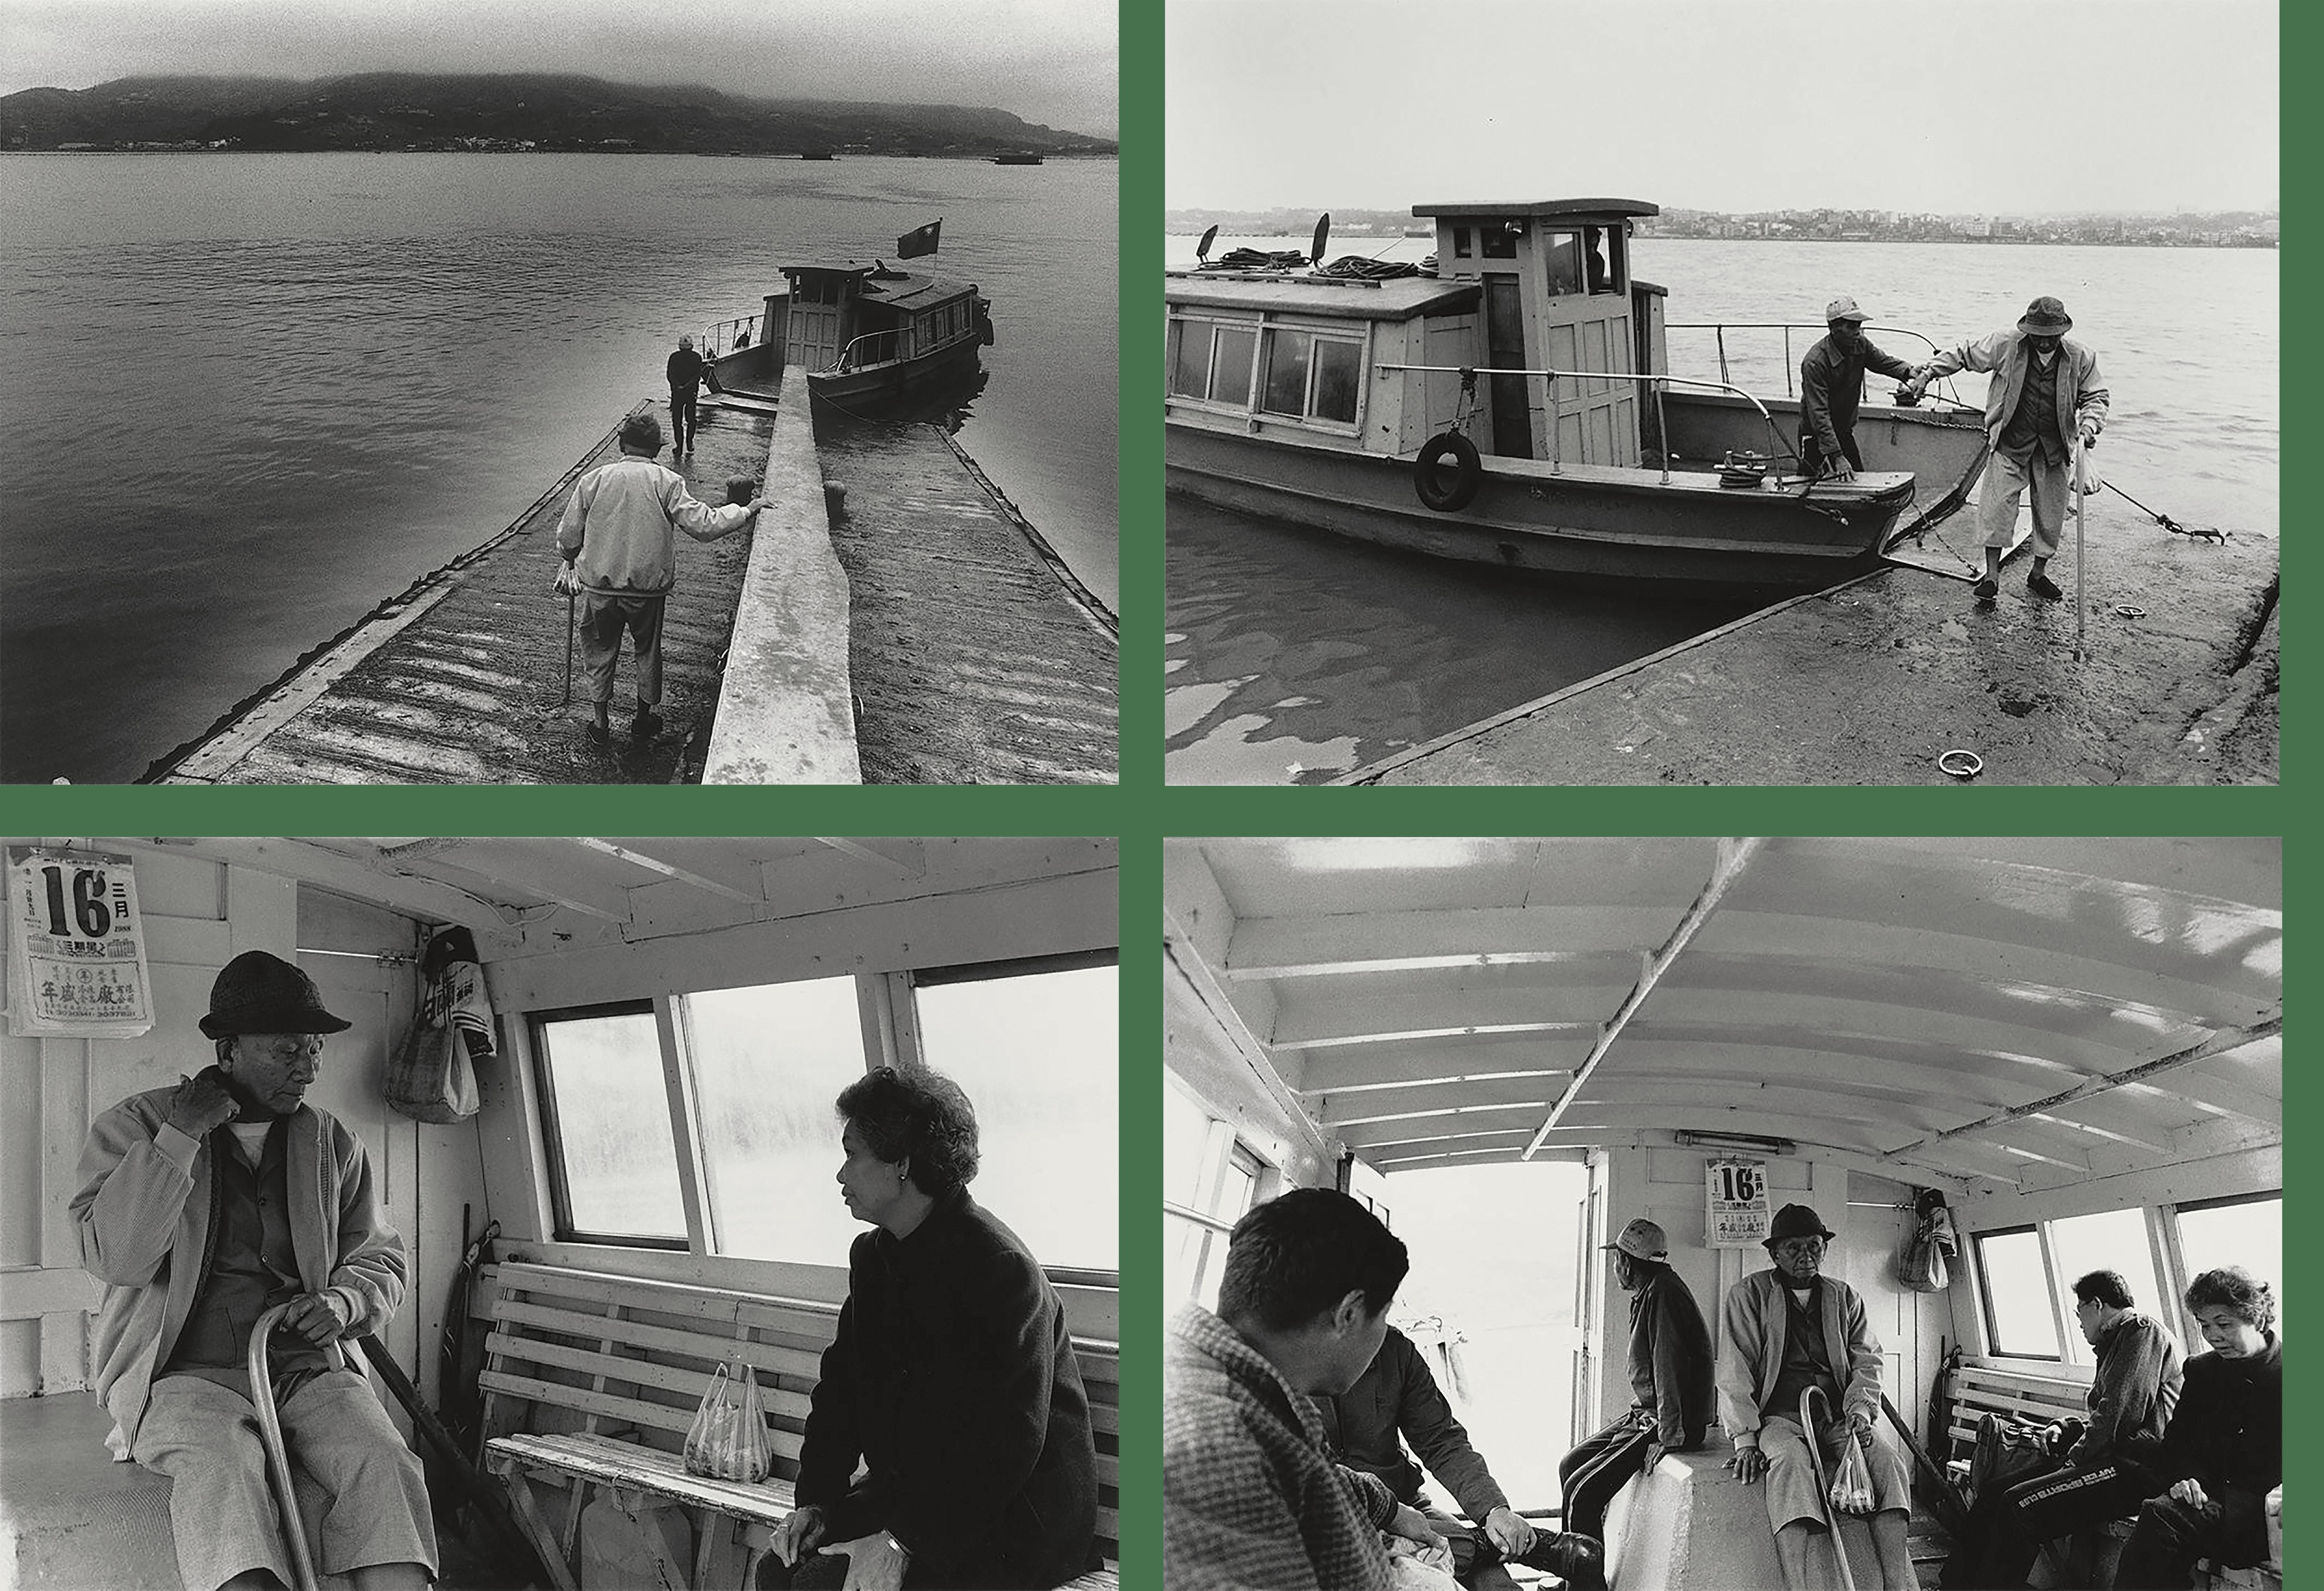 1988年3月16日淡水渡船頭(左上)、八里渡船頭(右上)與渡輪上(下排)